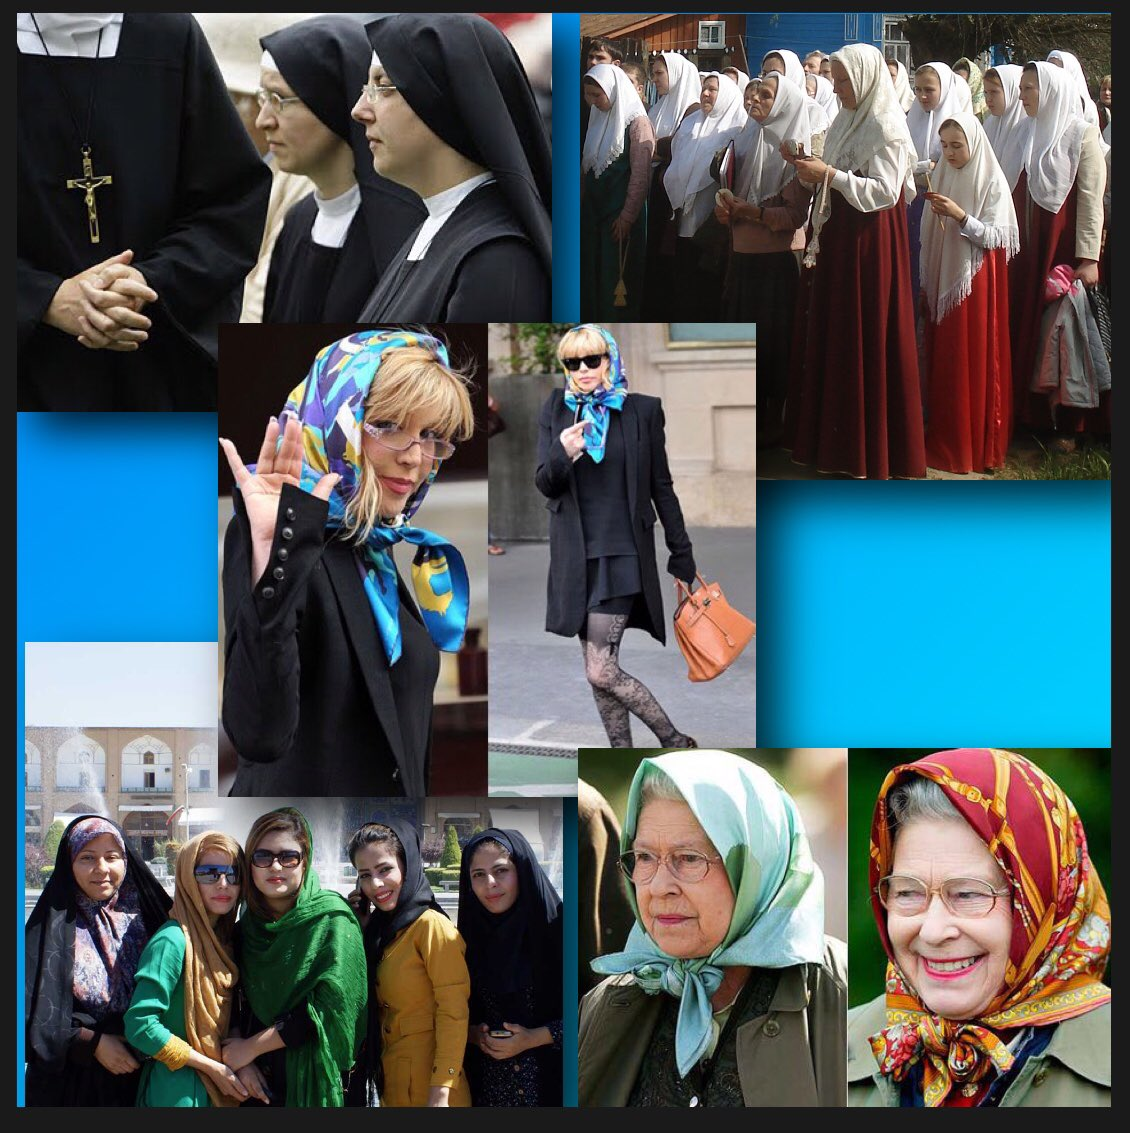 Meine Mutter und meine Oma haben auch Kopftuch getragen. Wer Frauen dazu zwingt ein Koptuch zu tragen ist genauso bekloppt wie einer der Frauen zwingt ohne Kopftuch zu sein. #Selbstbestimmung #Gleichberechtigung #KeinZwang  Nonnen - Orthodoxe - Mode - Iran - Queen pic.twitter.com/WGRT9gHf6B